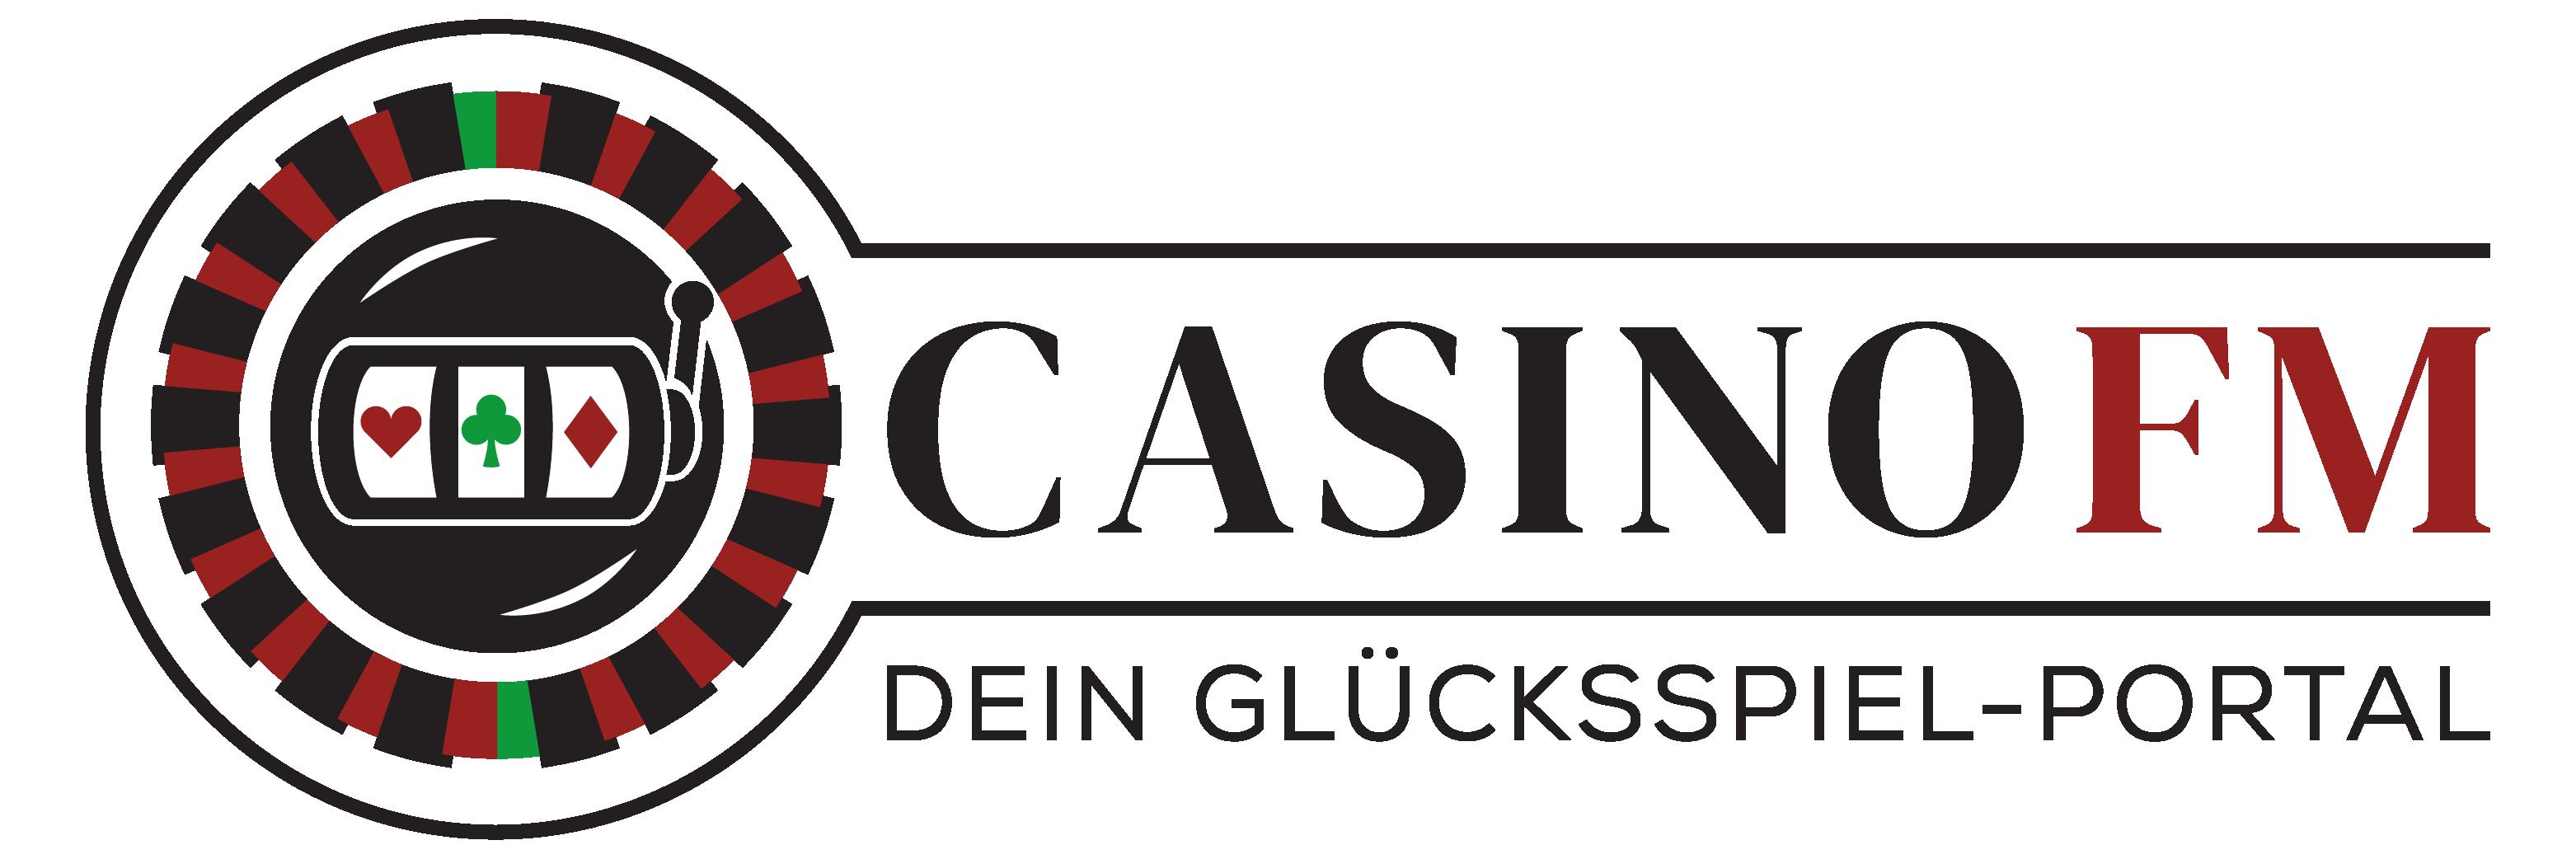 CasinoFM_final